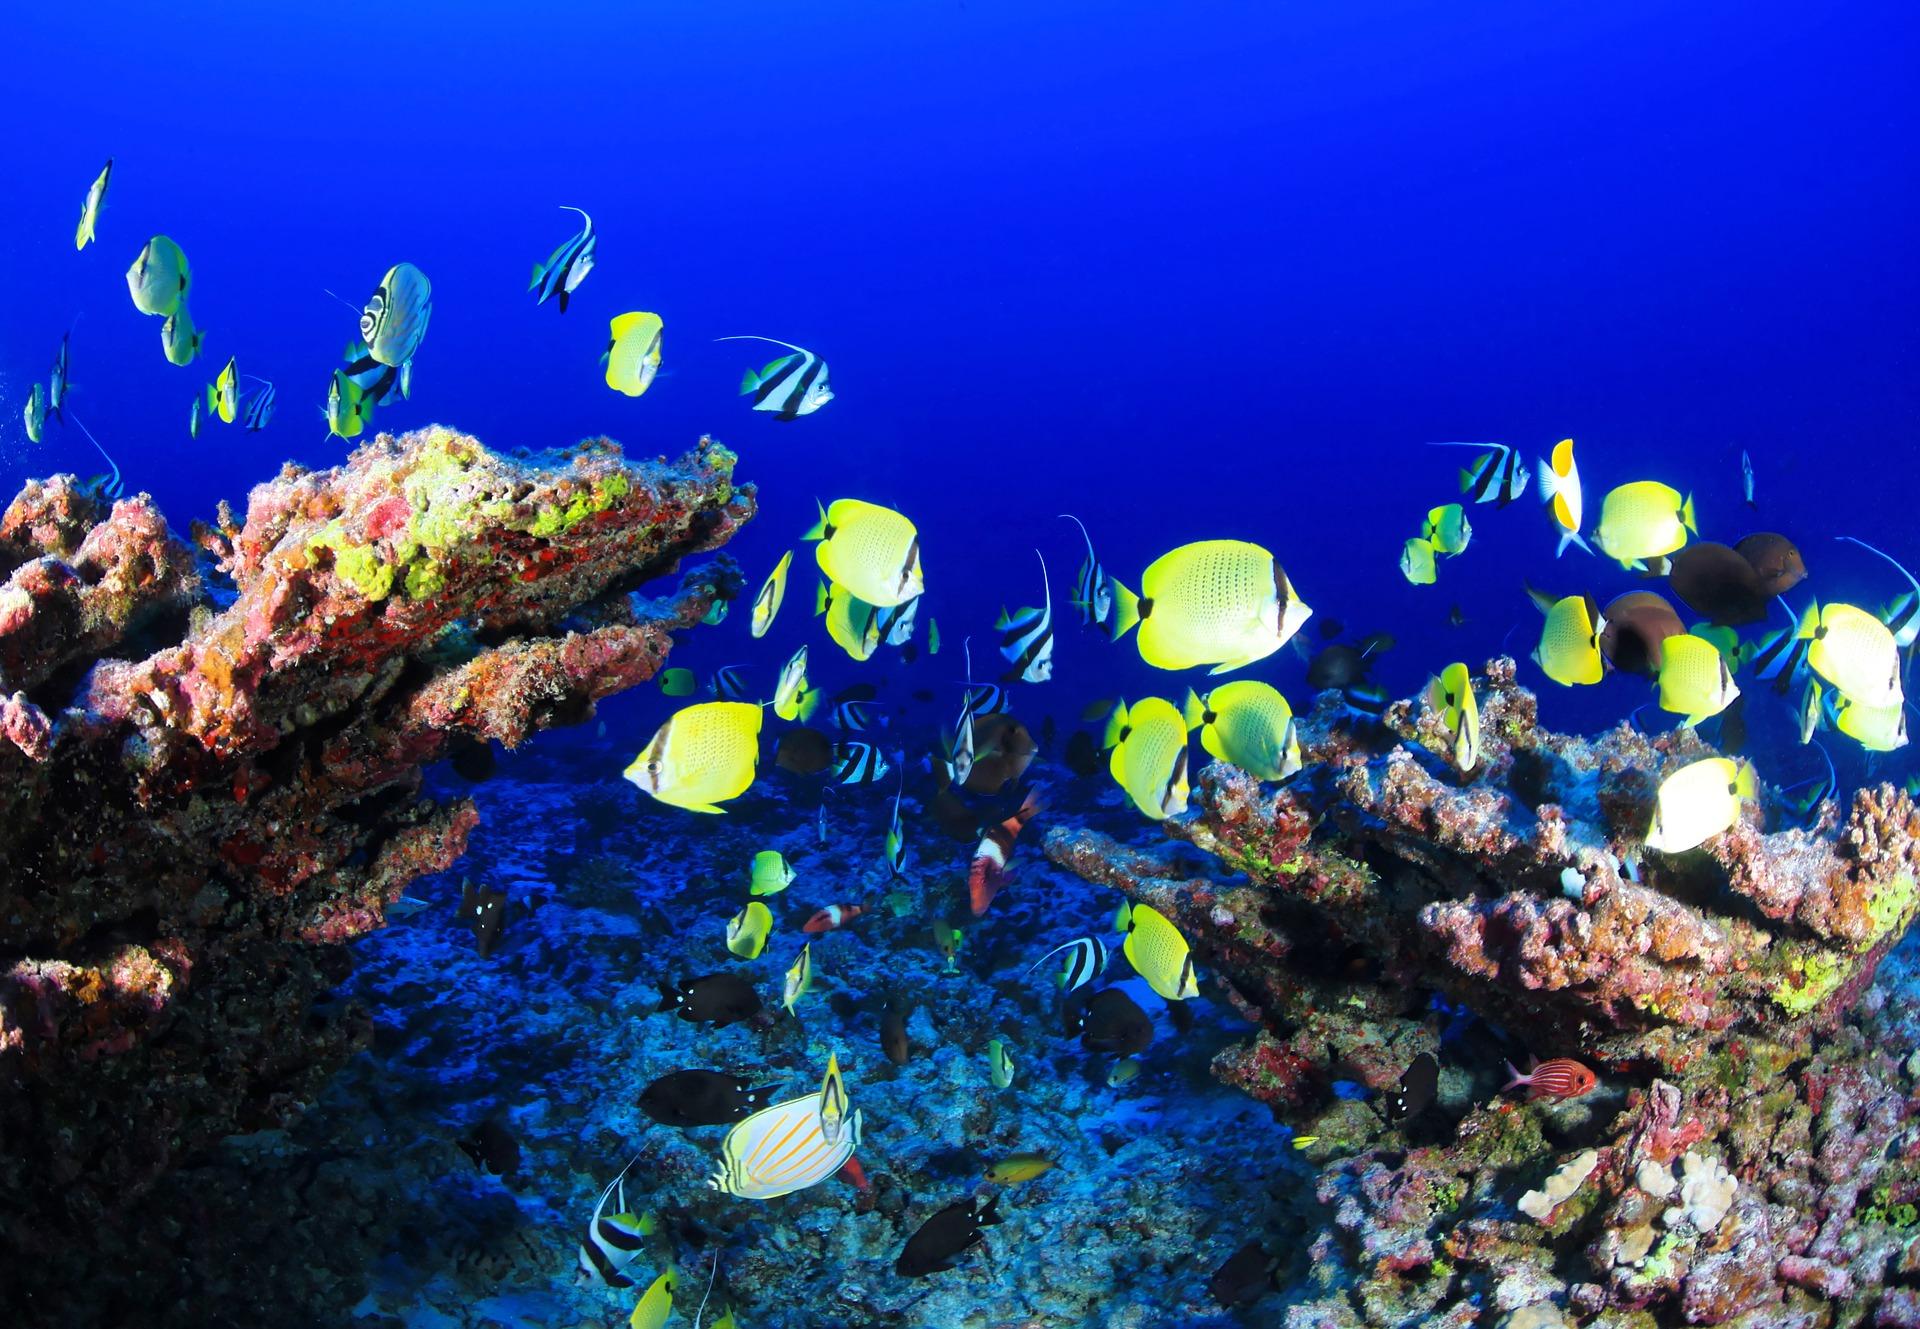 coral-reef-954057_1920